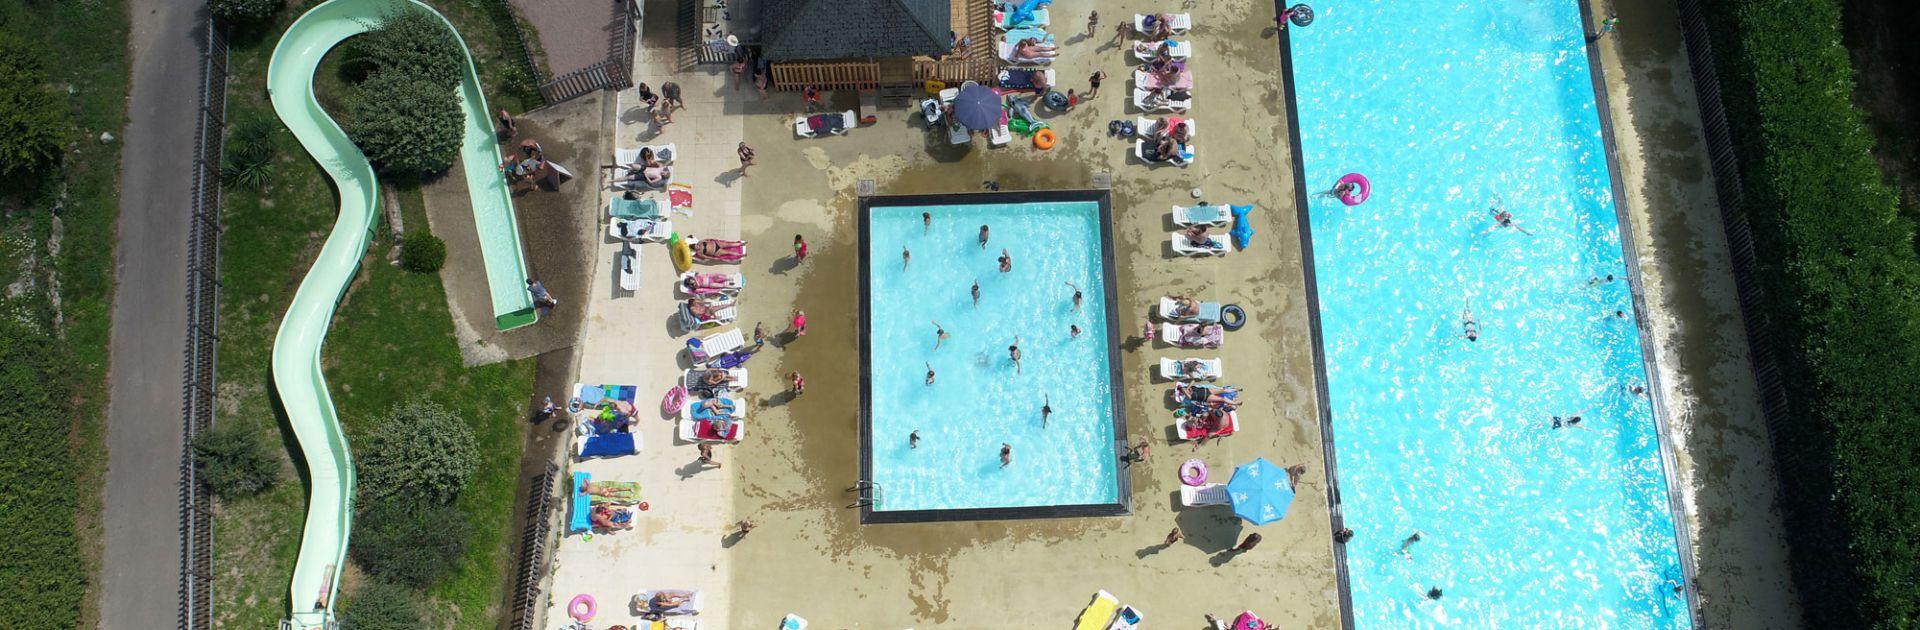 Zwembad waterglijbaan